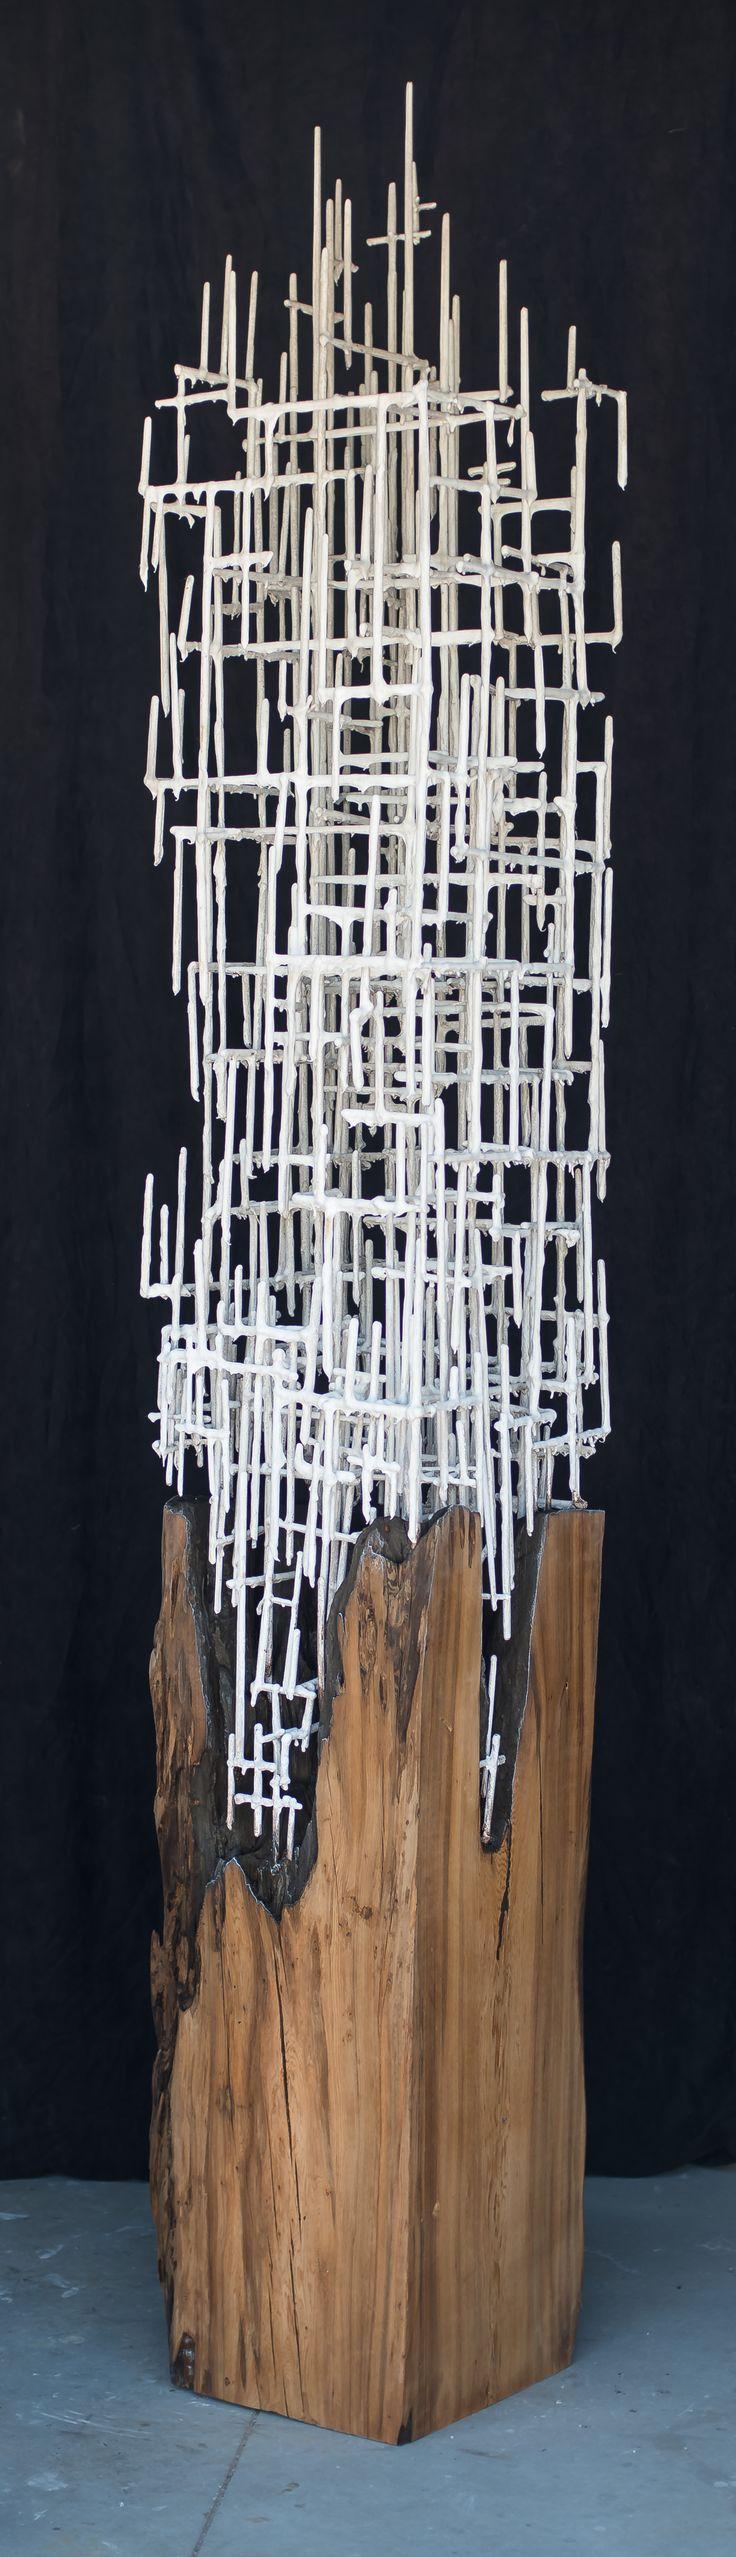 HUMAN TREE II by JUSTIN  GAFFREY